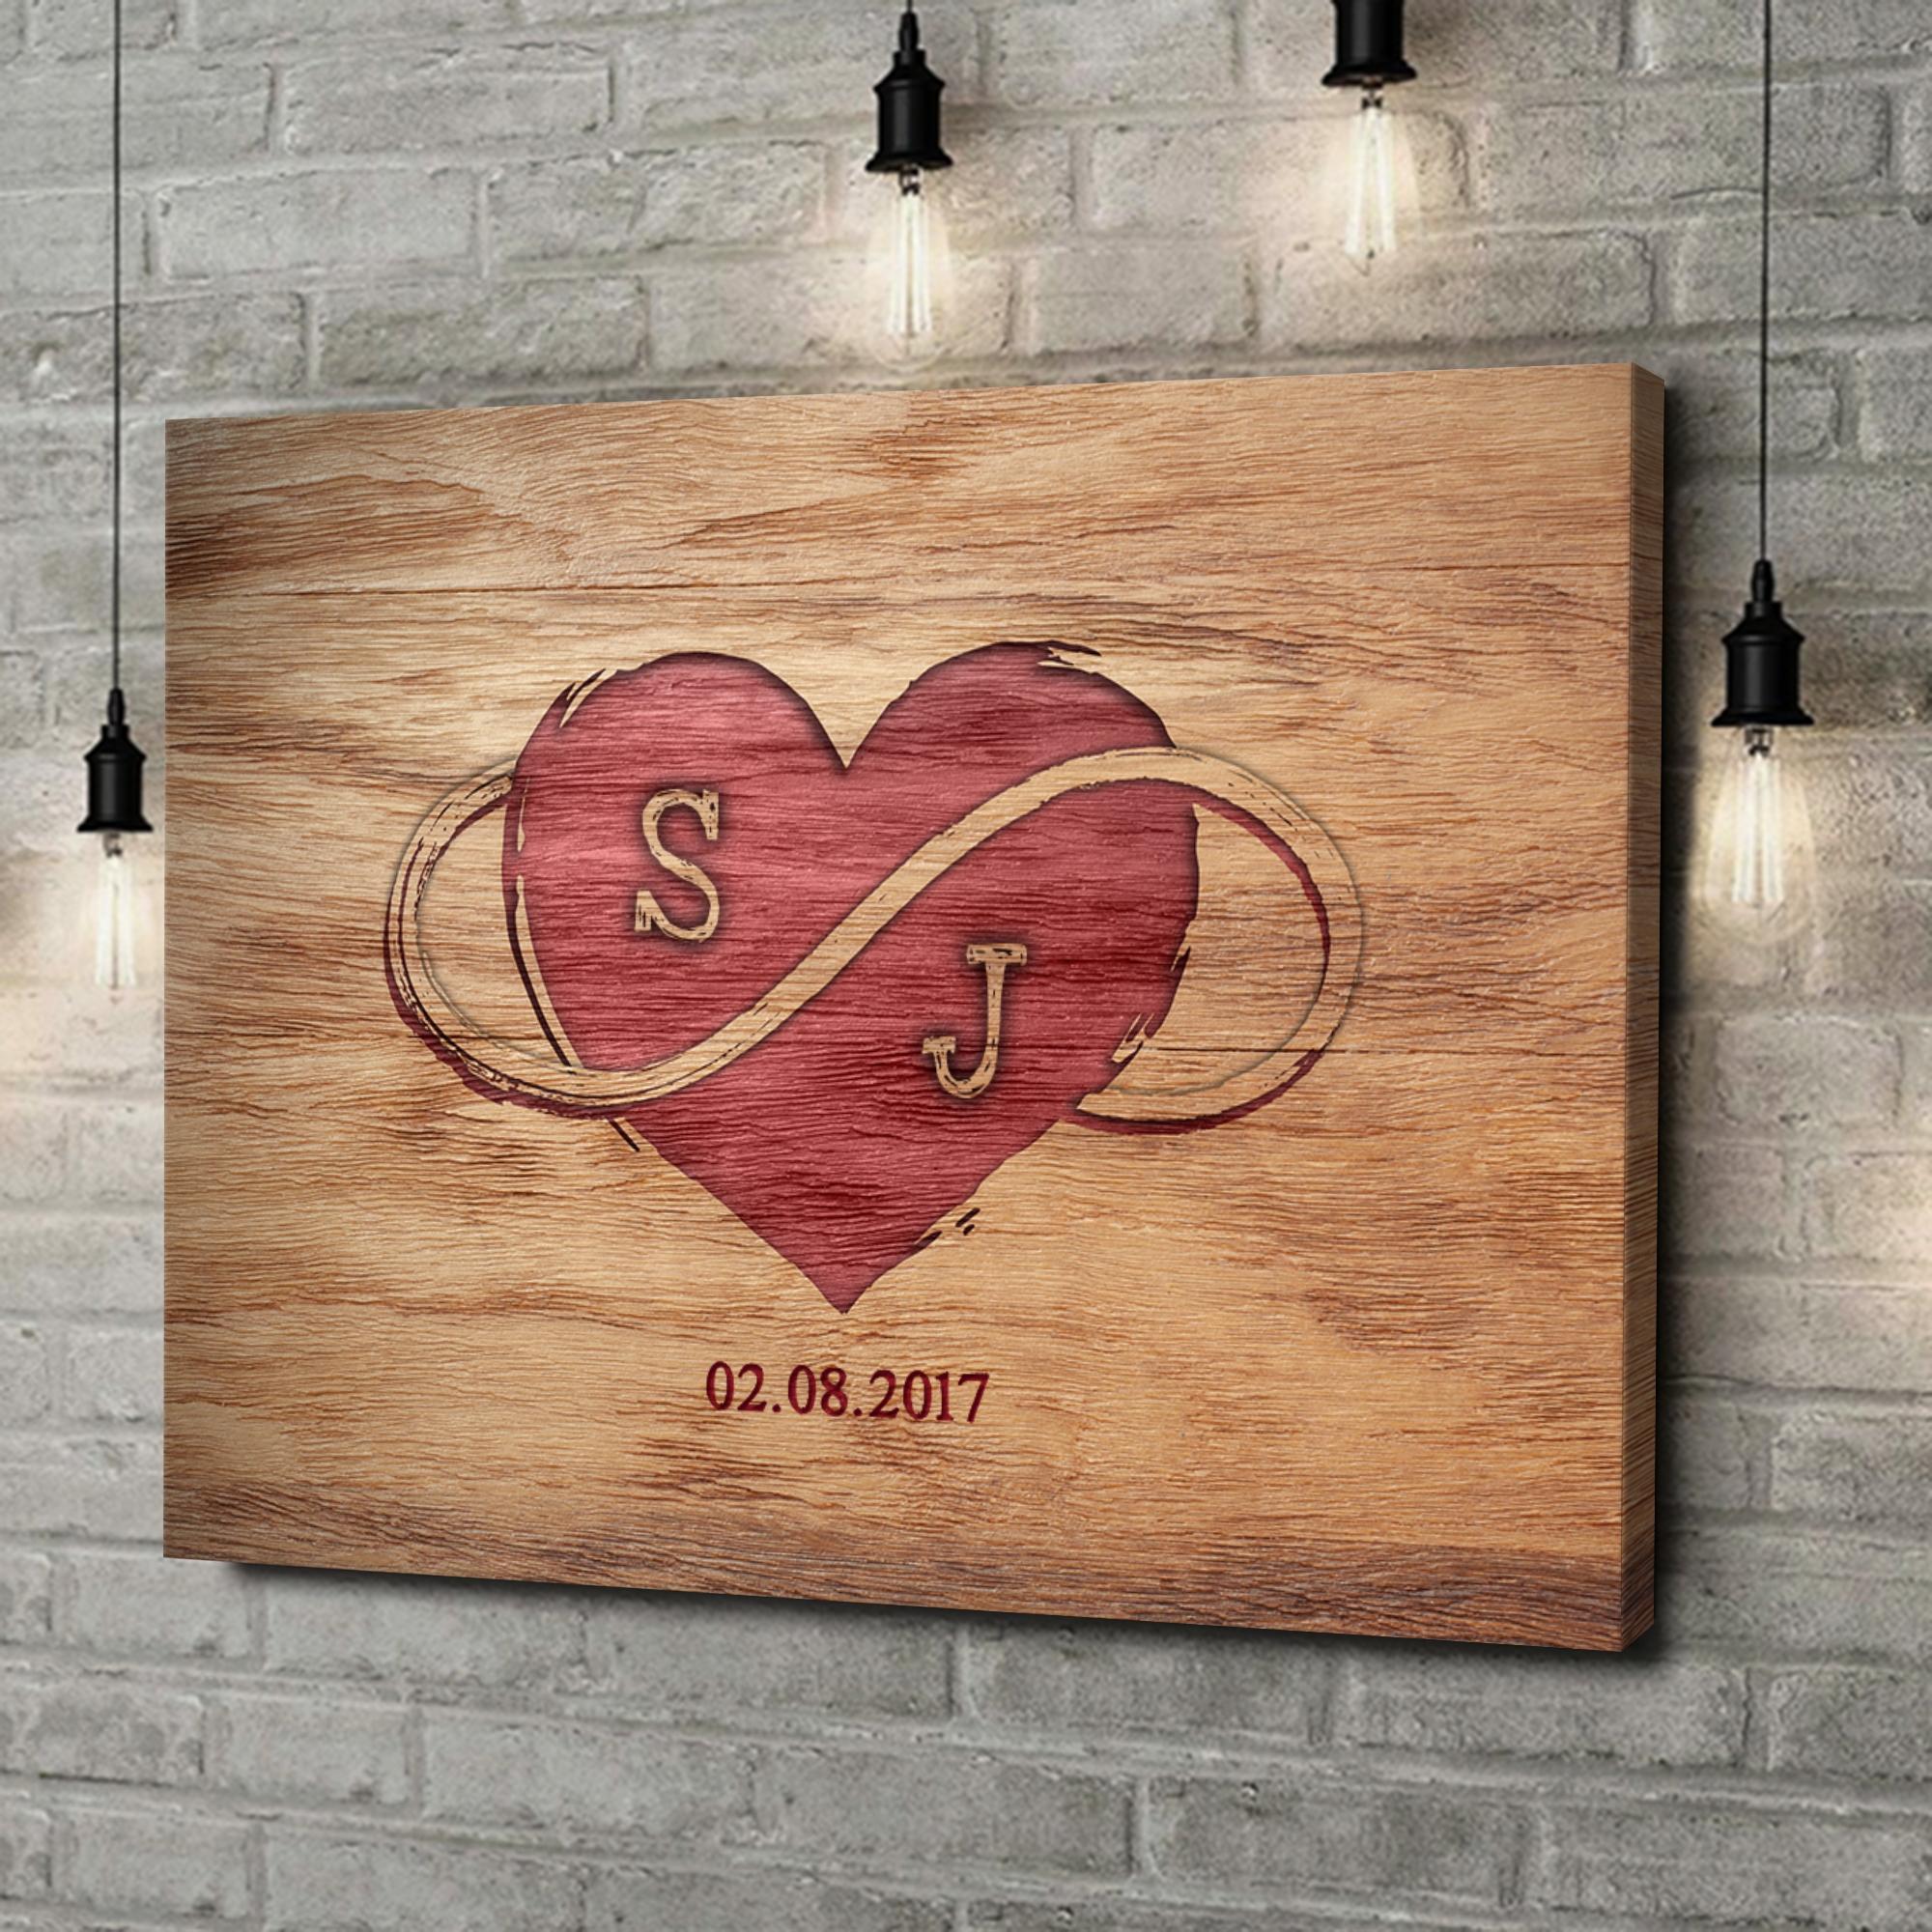 Leinwandbild personalisiert Graviertes Herz